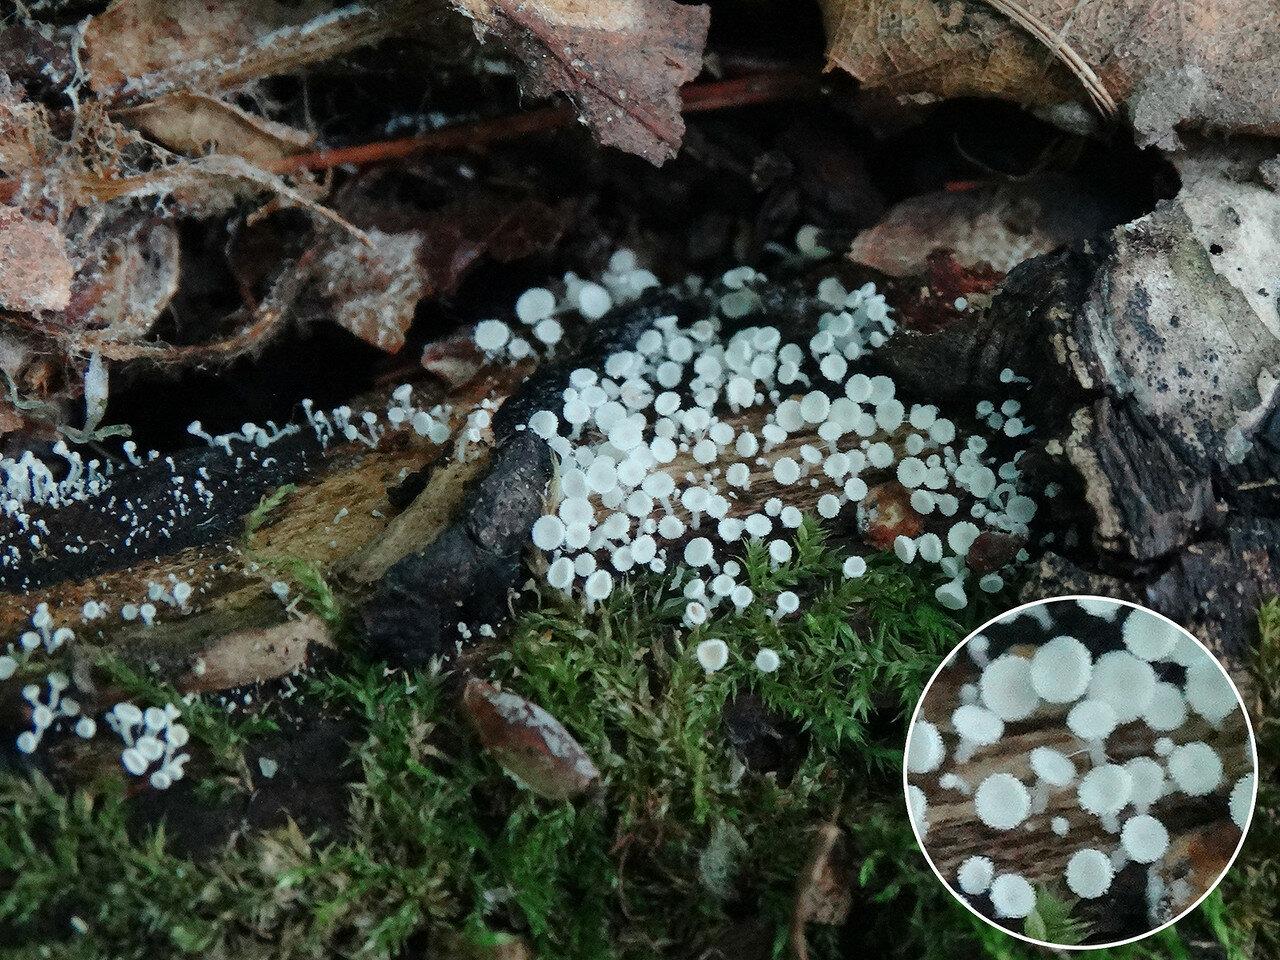 Лахнум девственно-белый (Lachnum virgineum). Автор фото: Привалова Марина